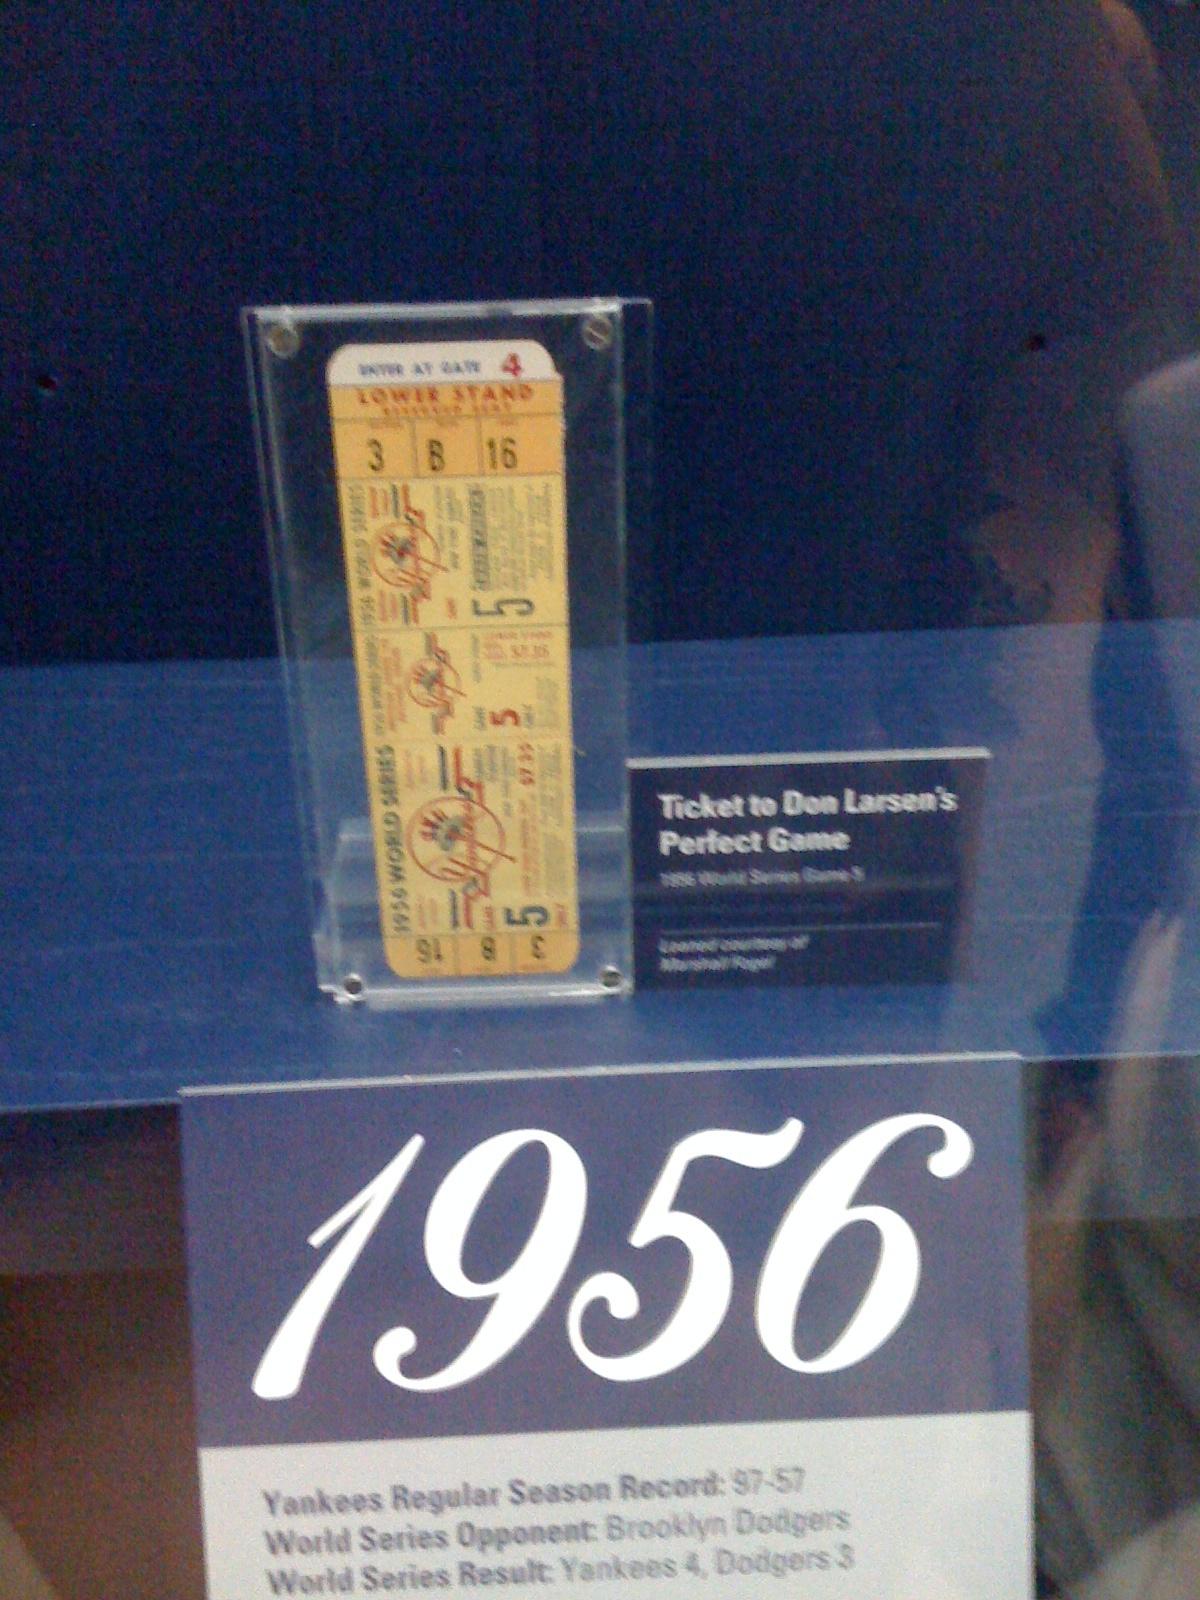 1956 Don Larsen Perfect Game Ticket